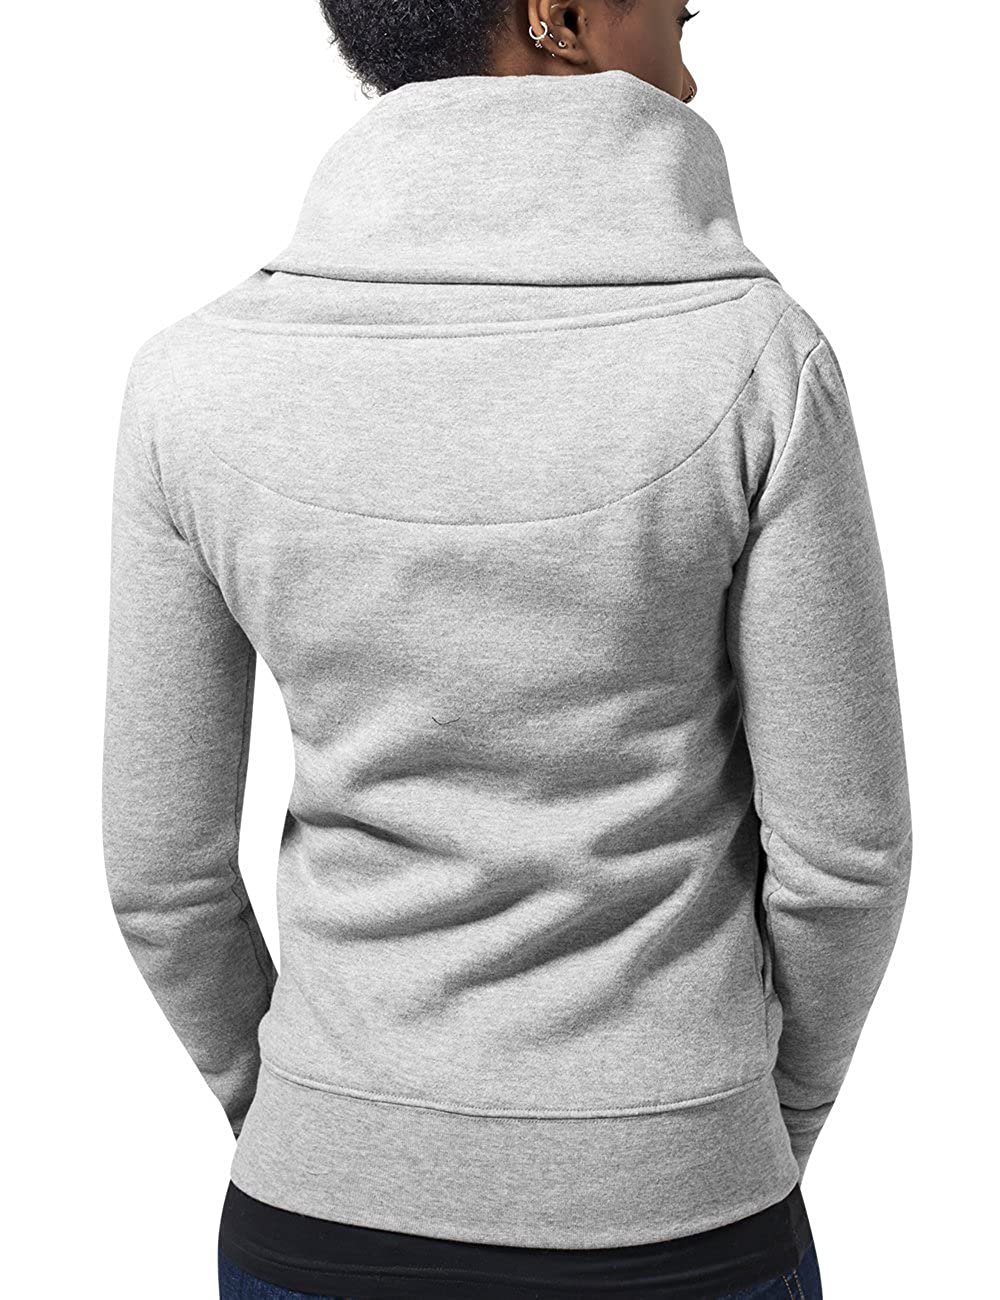 Asymetric Sweat Et Zip Shirt Ladies Accessoires Jacket Femme Vêtements Urban Classics SpaWwq1H